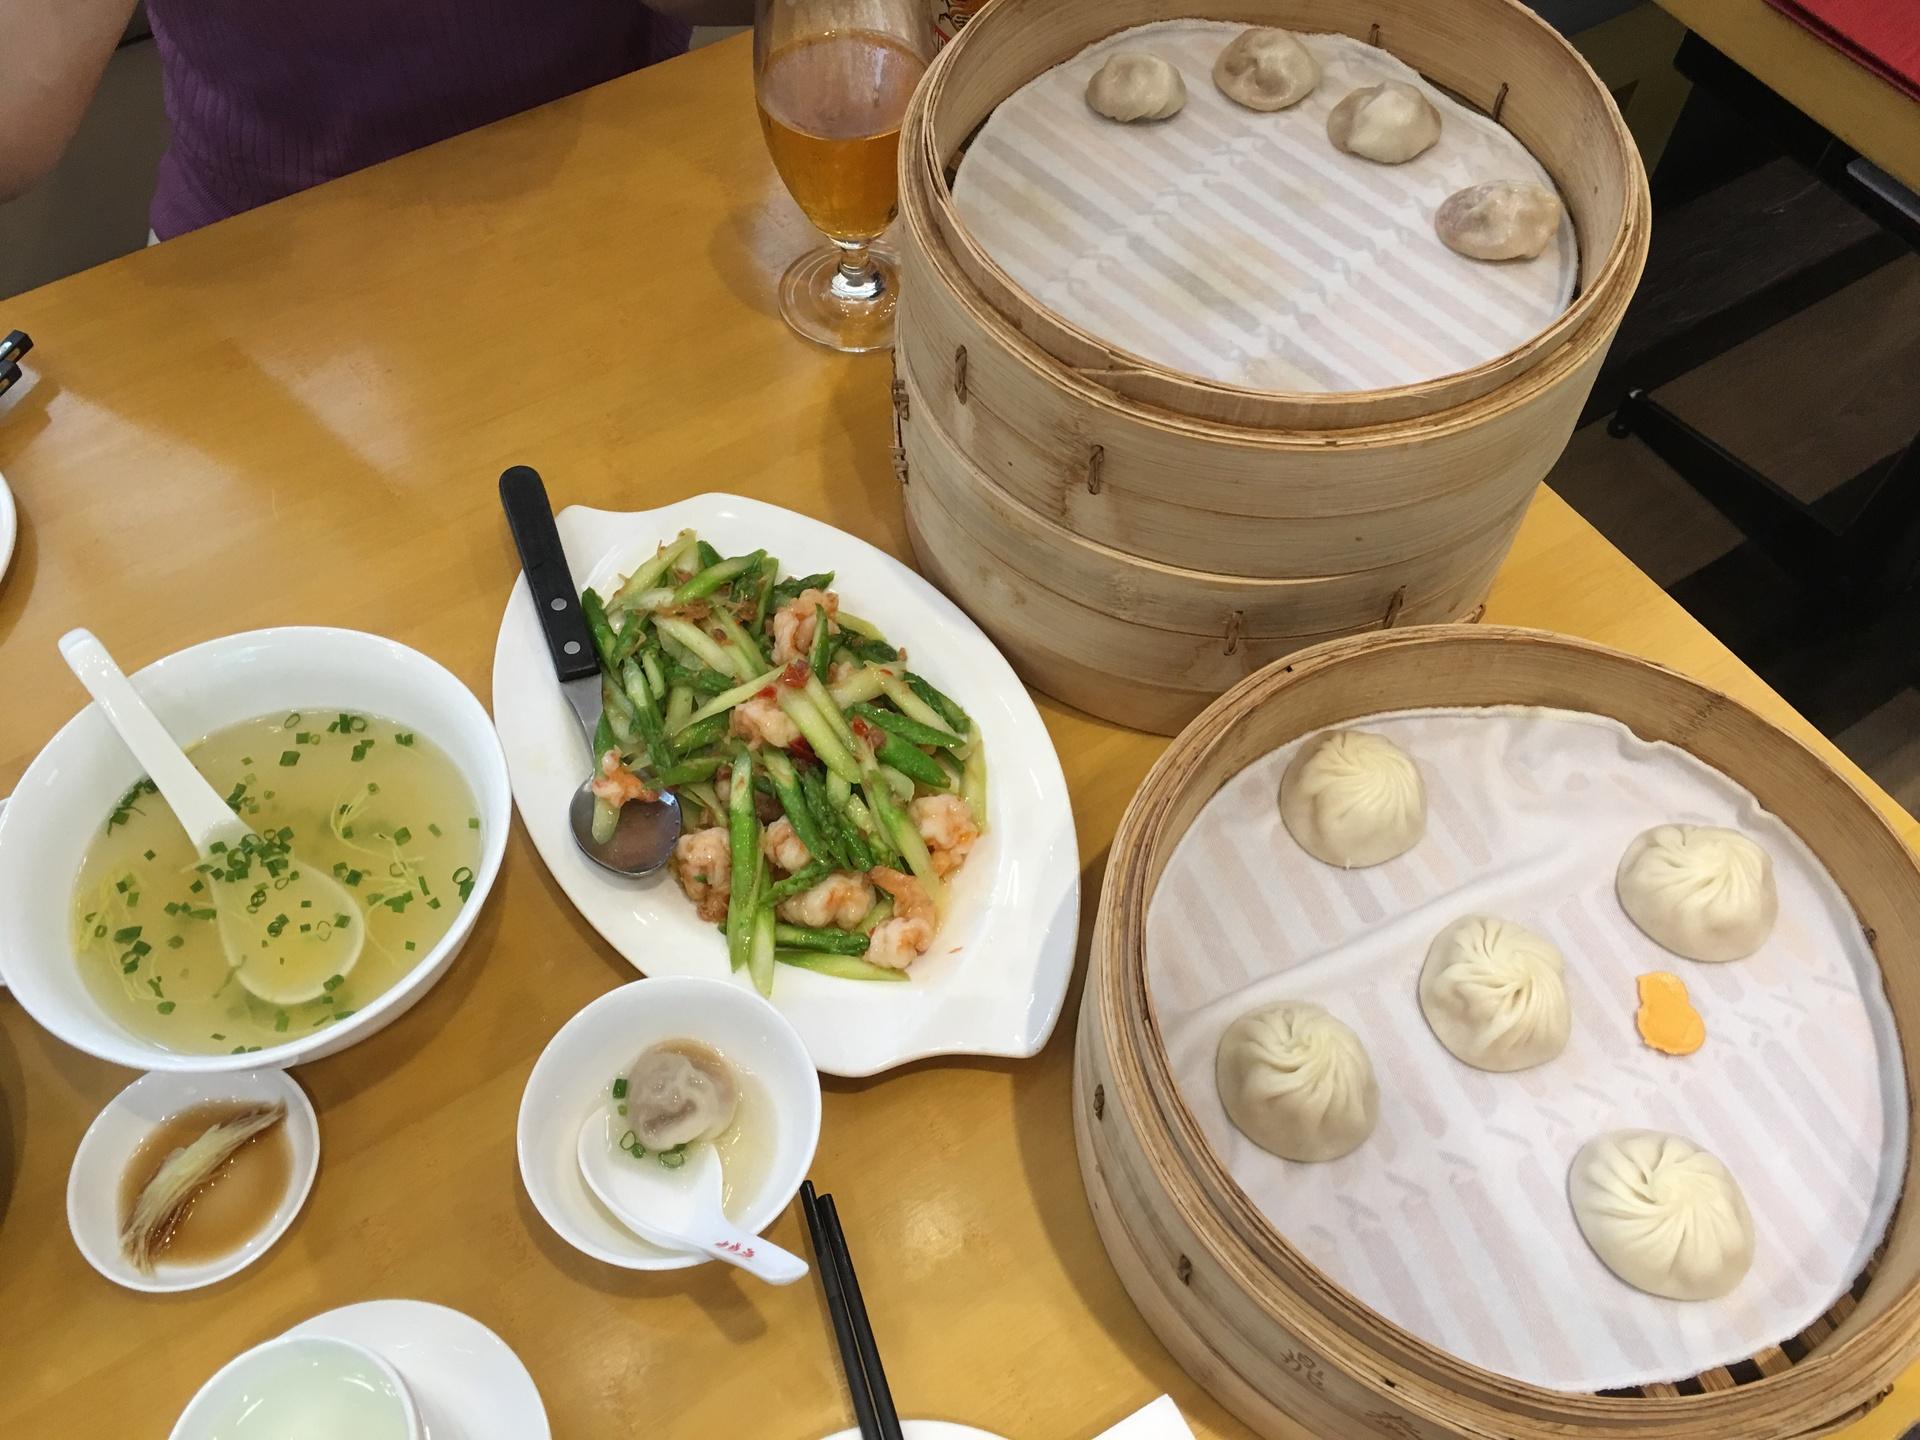 ディンタイフォン | テンシン(天津)在住元気さんのおすすめグルメ・食事スポット